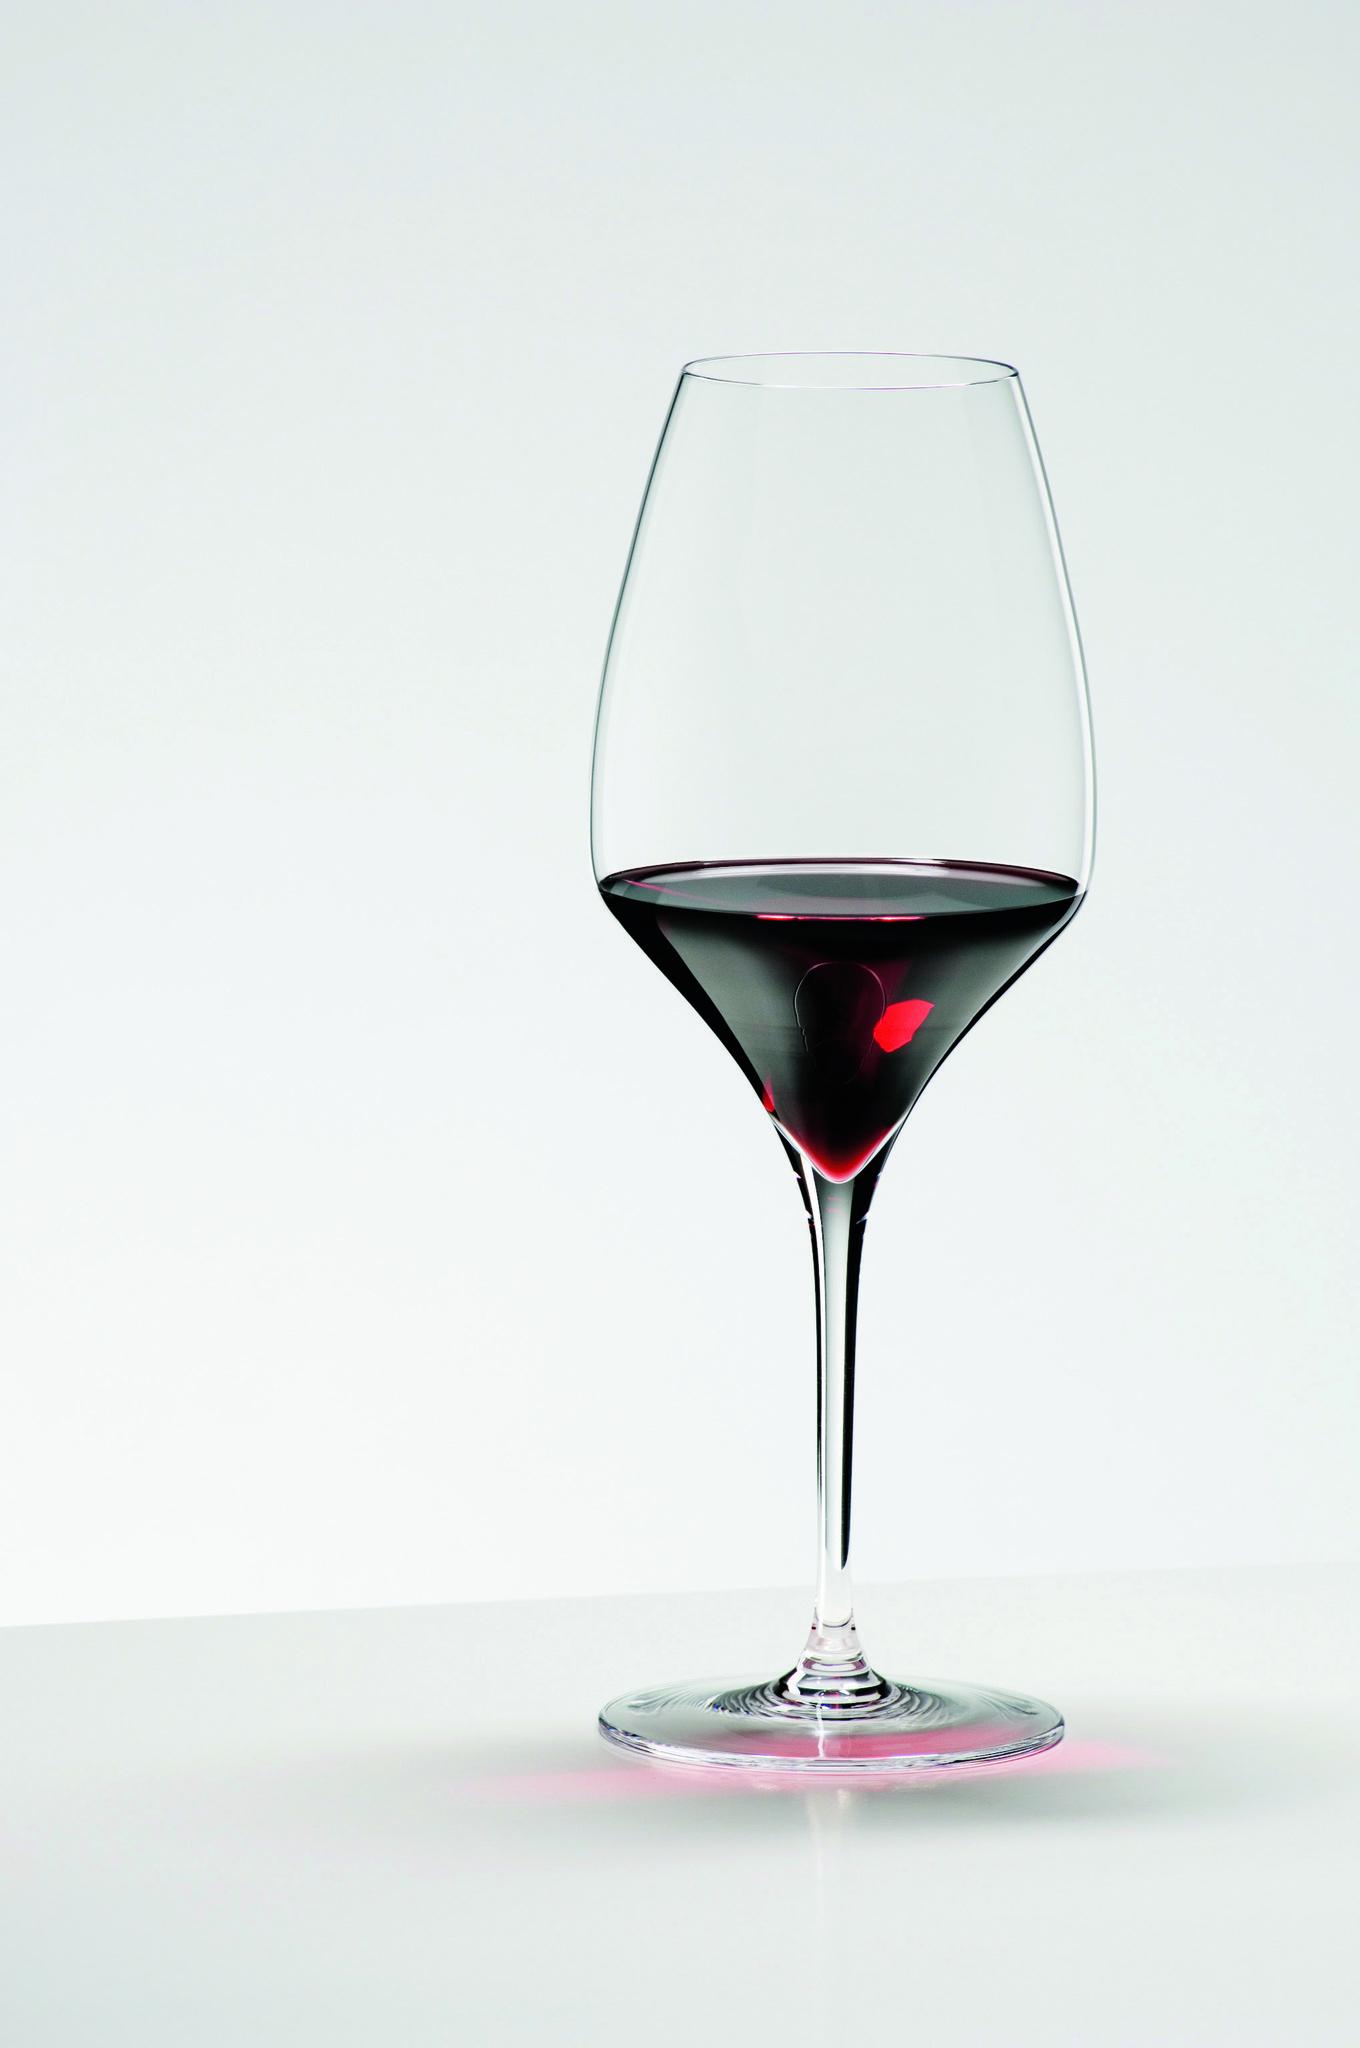 Бокалы Набор бокалов для красного вина 2шт 665мл Riedel Vitis Syrah/Shiraz nabor-bokalov-dlya-krasnogo-vina-2-sht-665-ml-riedel-syrahshiraz-avstriya.jpg